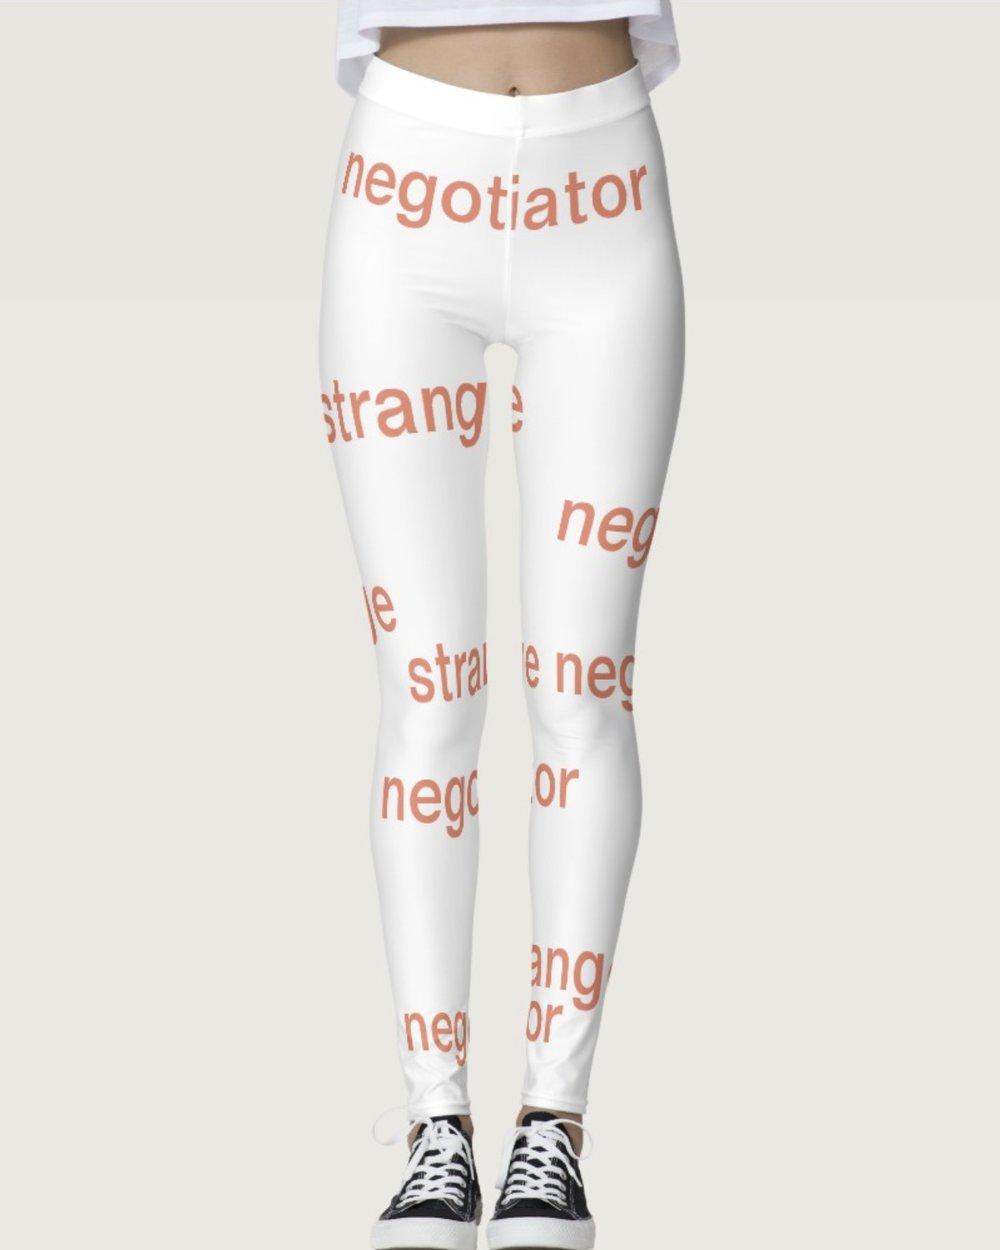 Strange Negotiator Leggings